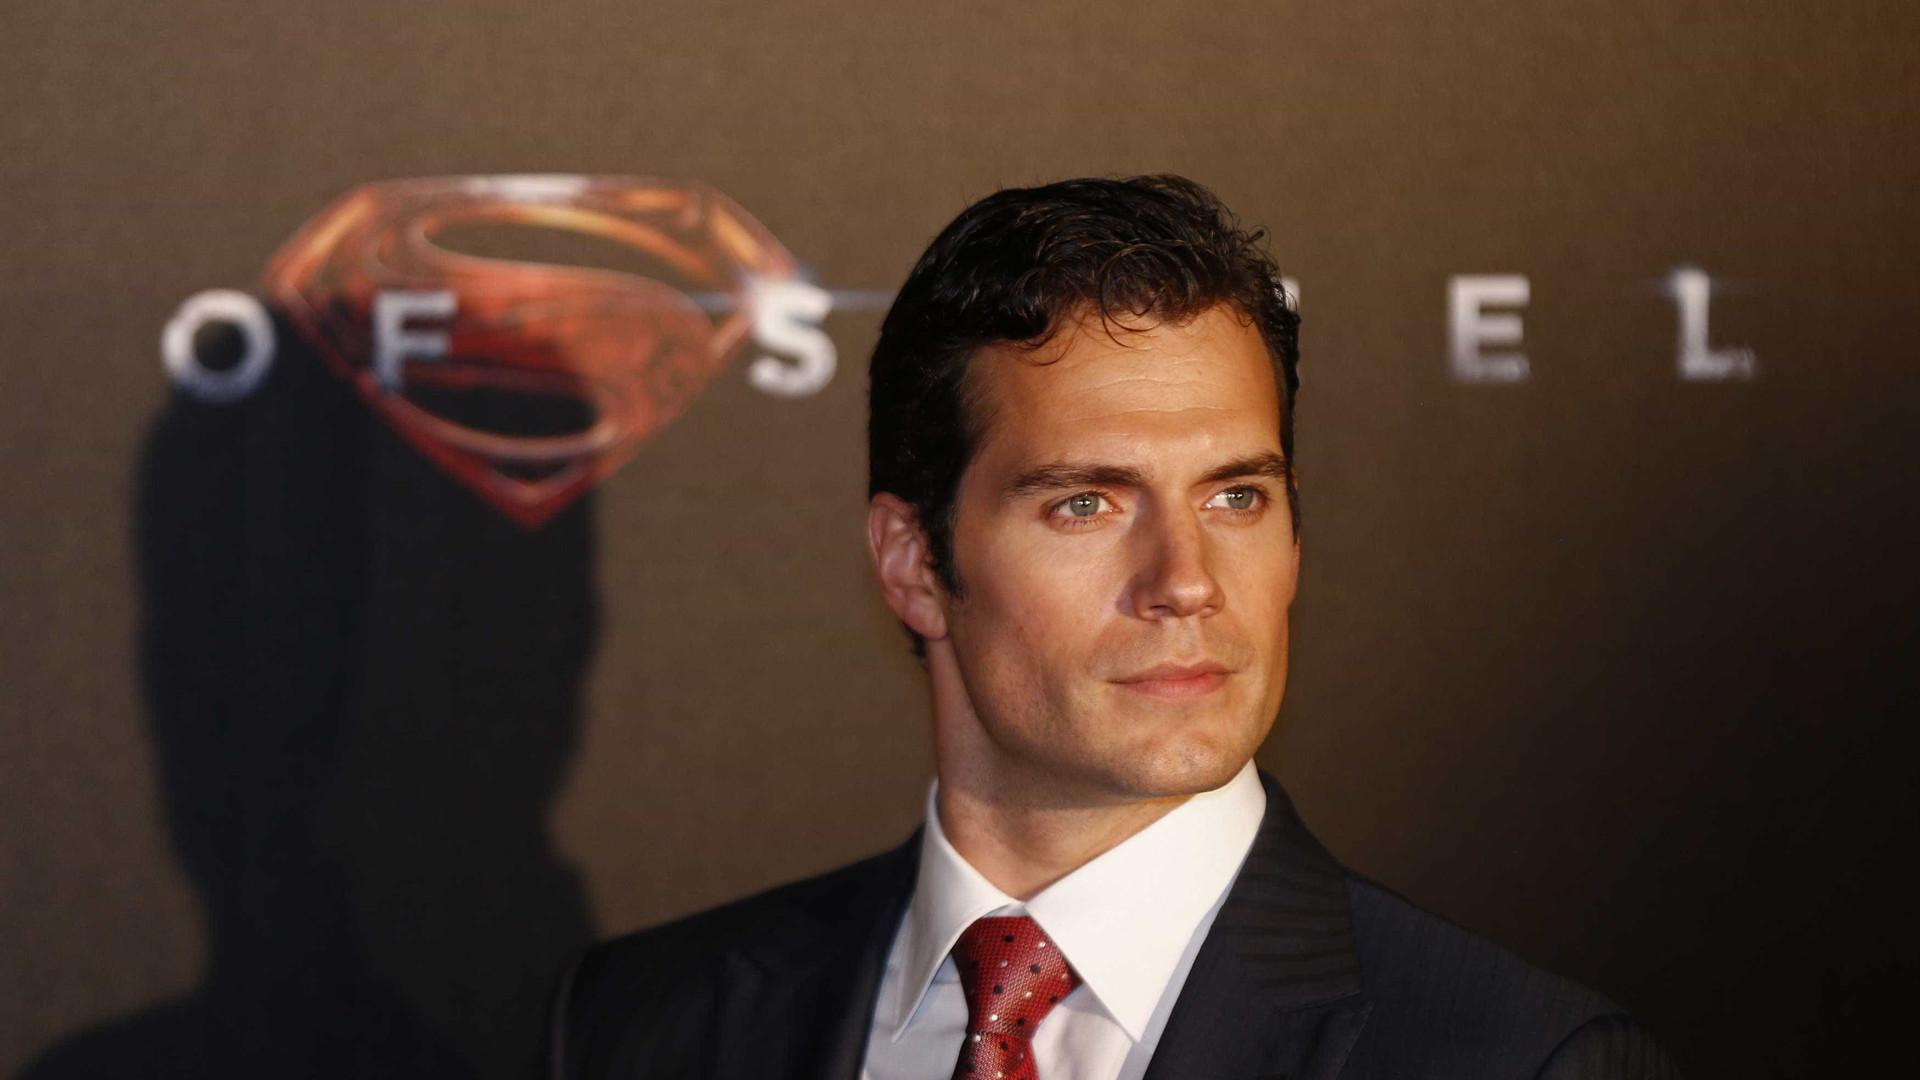 Ator de Super-Homem se desculpa após comentário polêmico sobre assédio